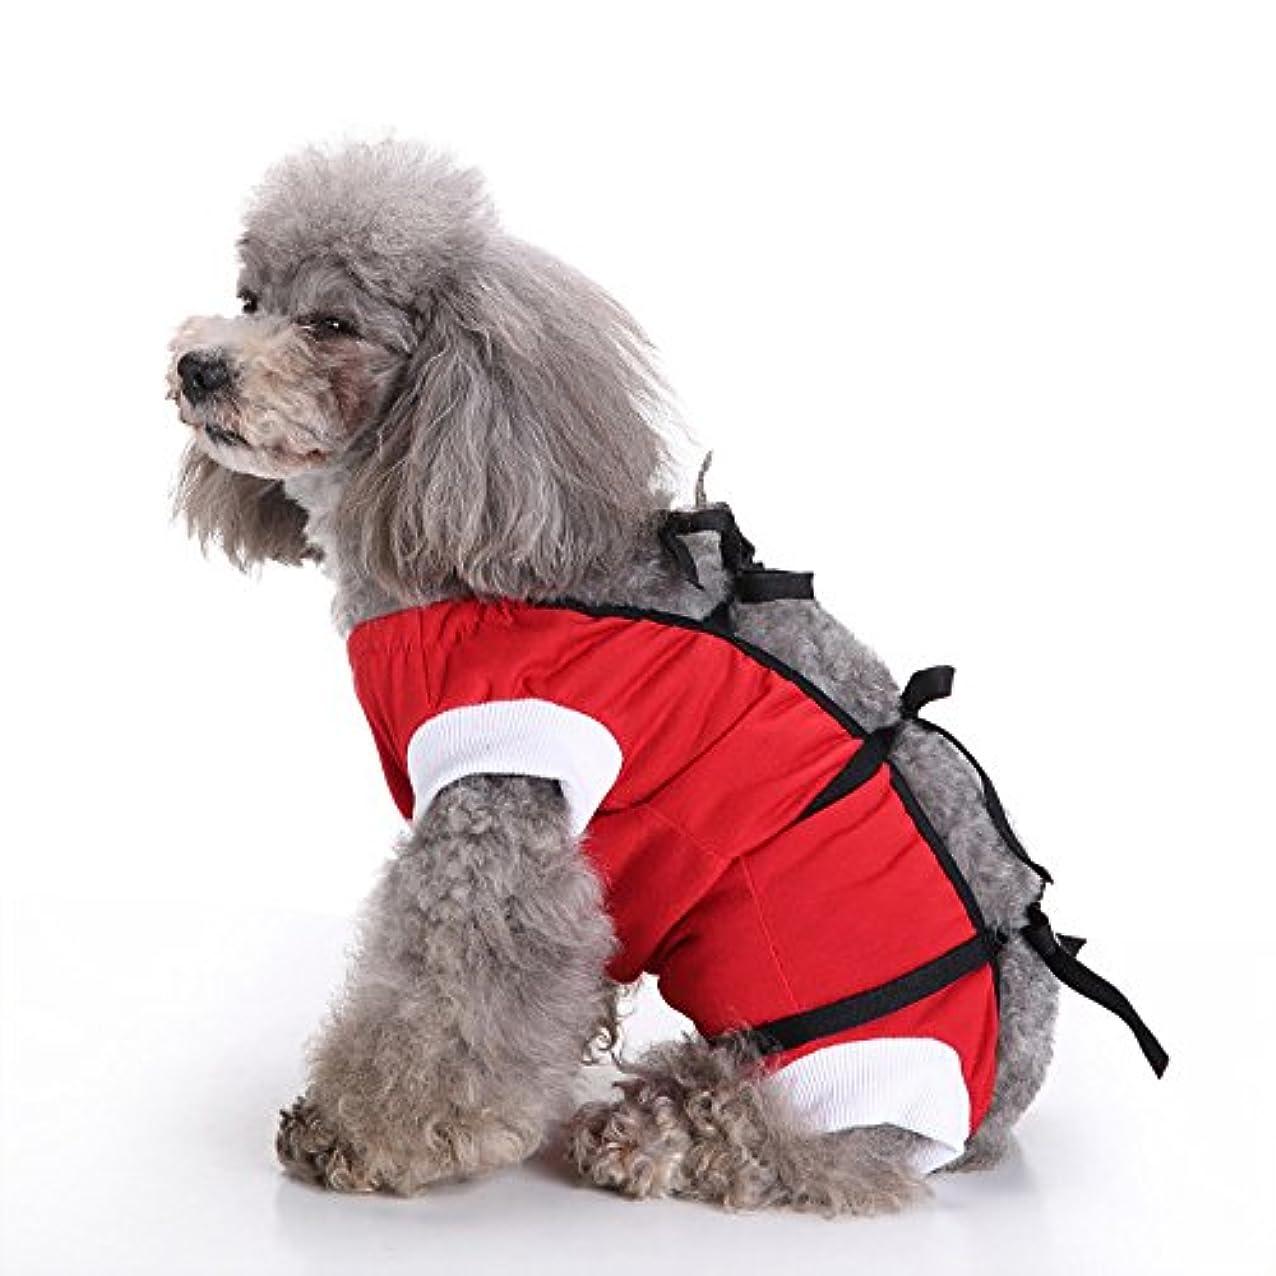 はねかけるワームうまくいけばJoielmal クインウィンド ペット犬猫手術用ベスト(犬用)夏用腹部創傷疾患手術後の保護犬用ベスト XS- L